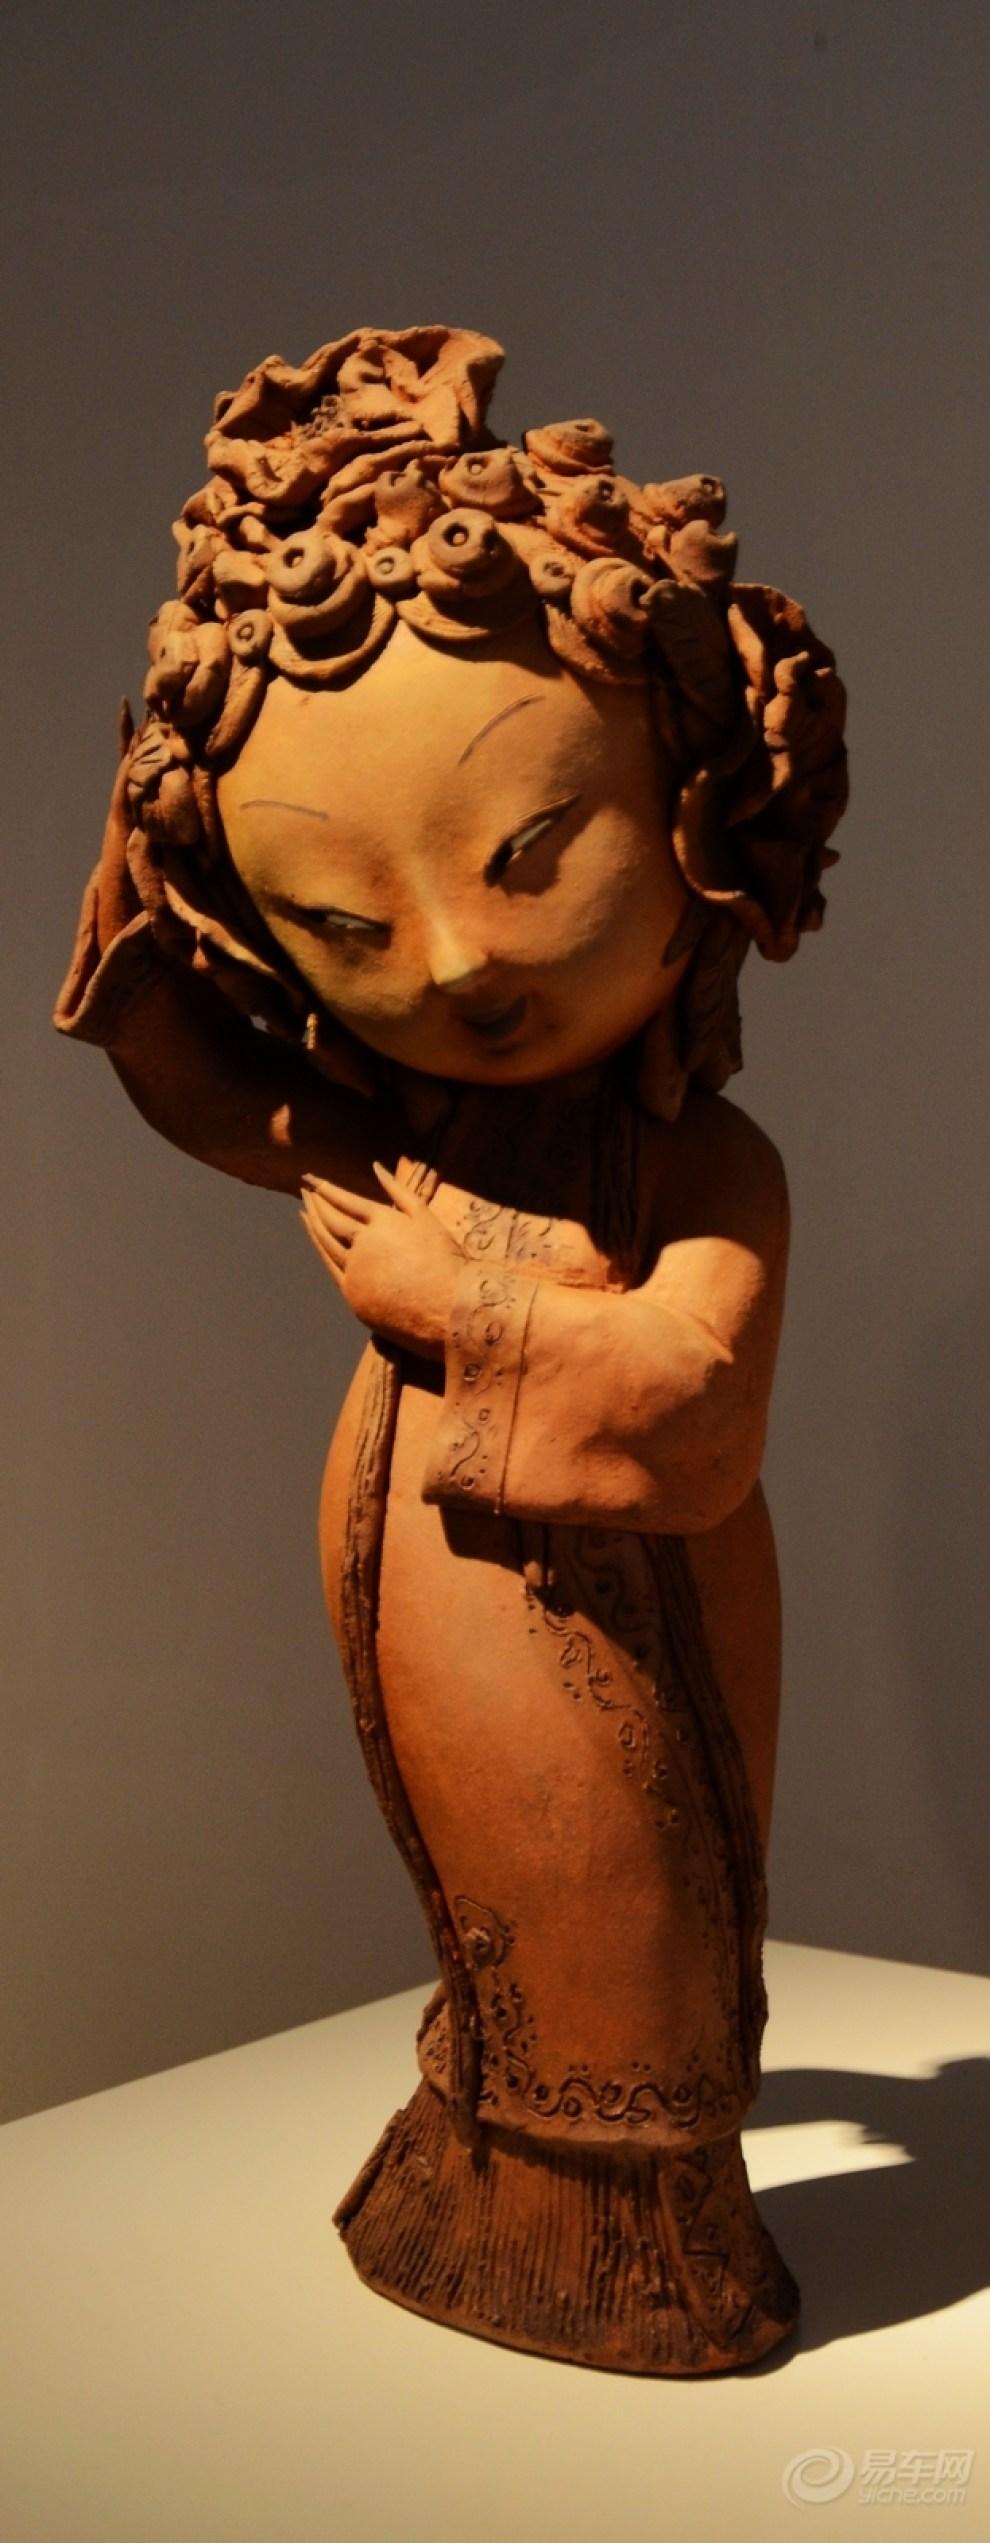 【【泥论坛】】_v论坛娃娃创蓝天驰表情包图片集锦图片